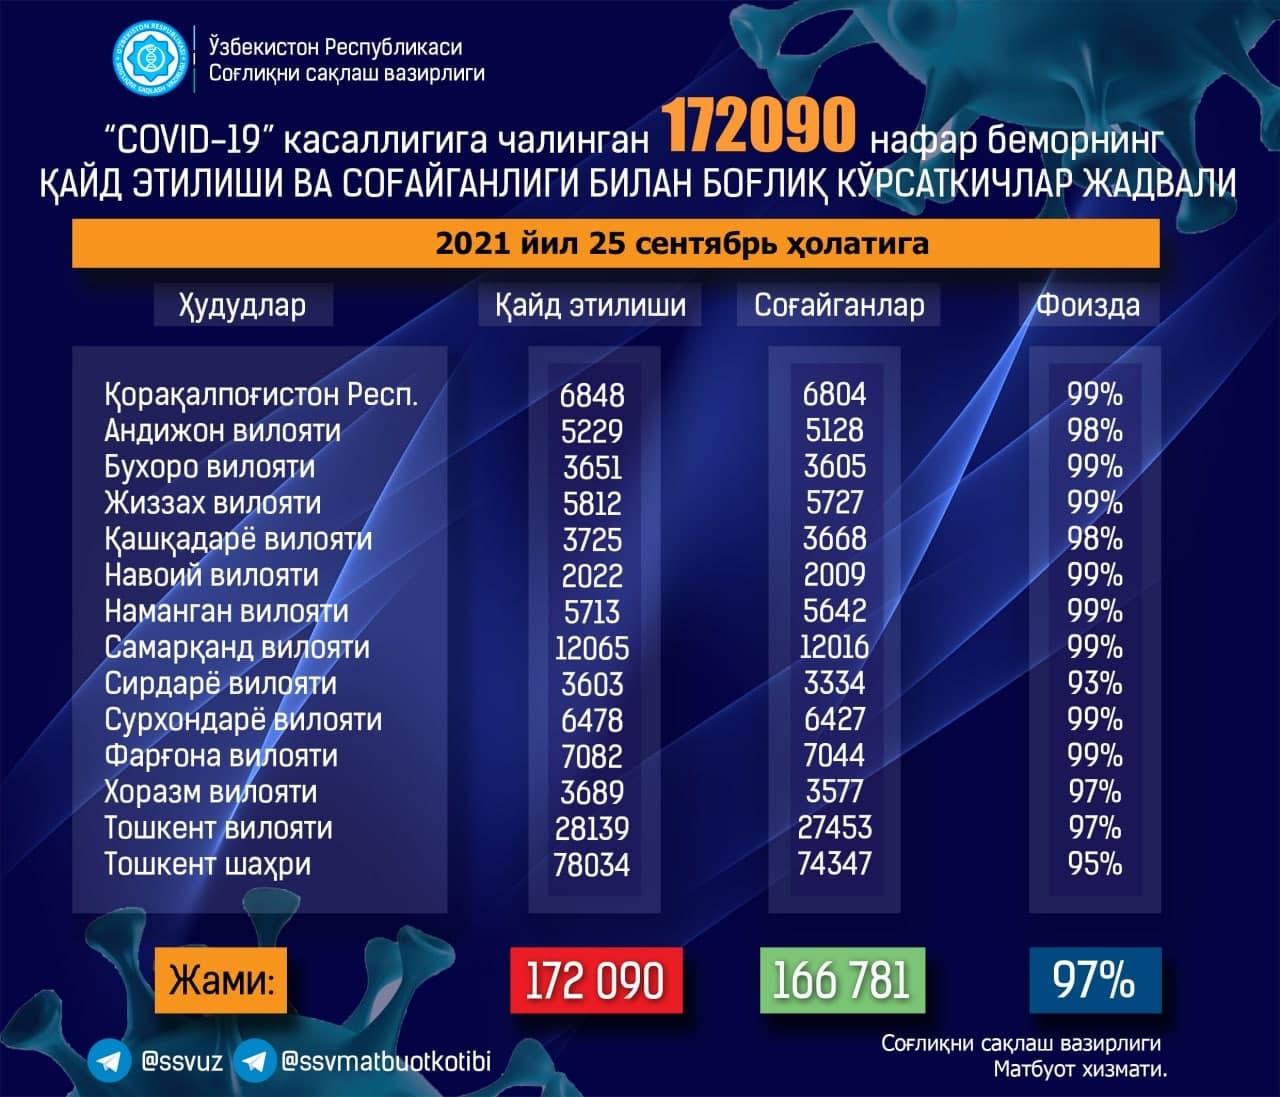 В Ташкенте немного снизились темпы заражения коронавирусом — статистика